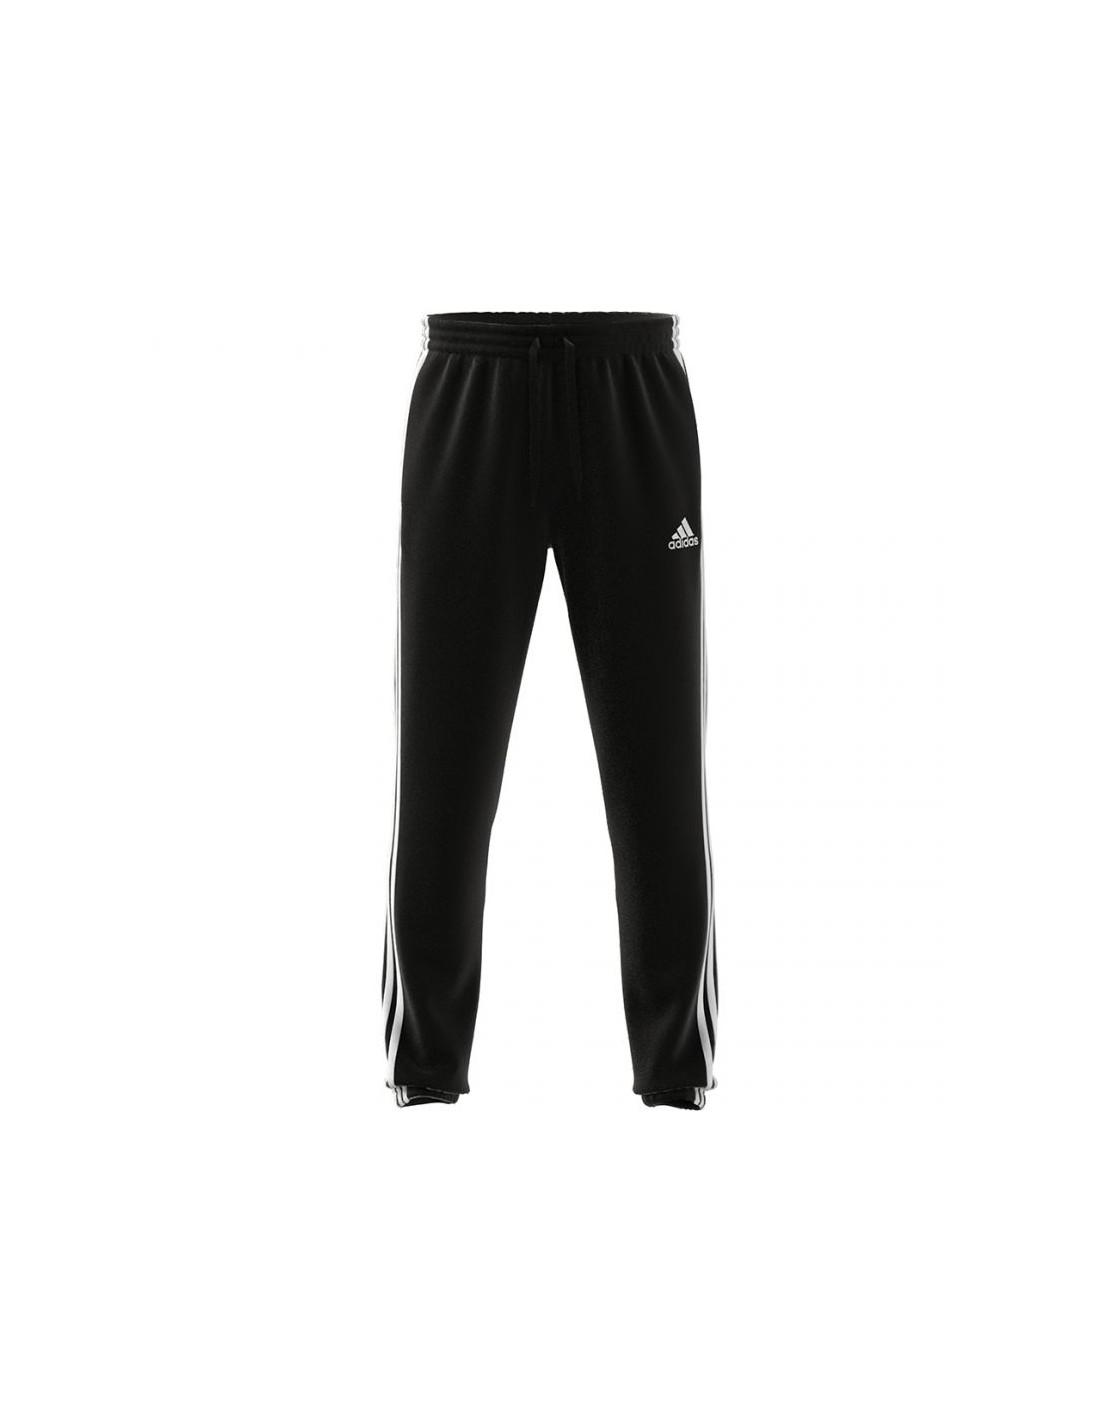 Zwarte heren joggingbroek Adidas GK8829-BLACK